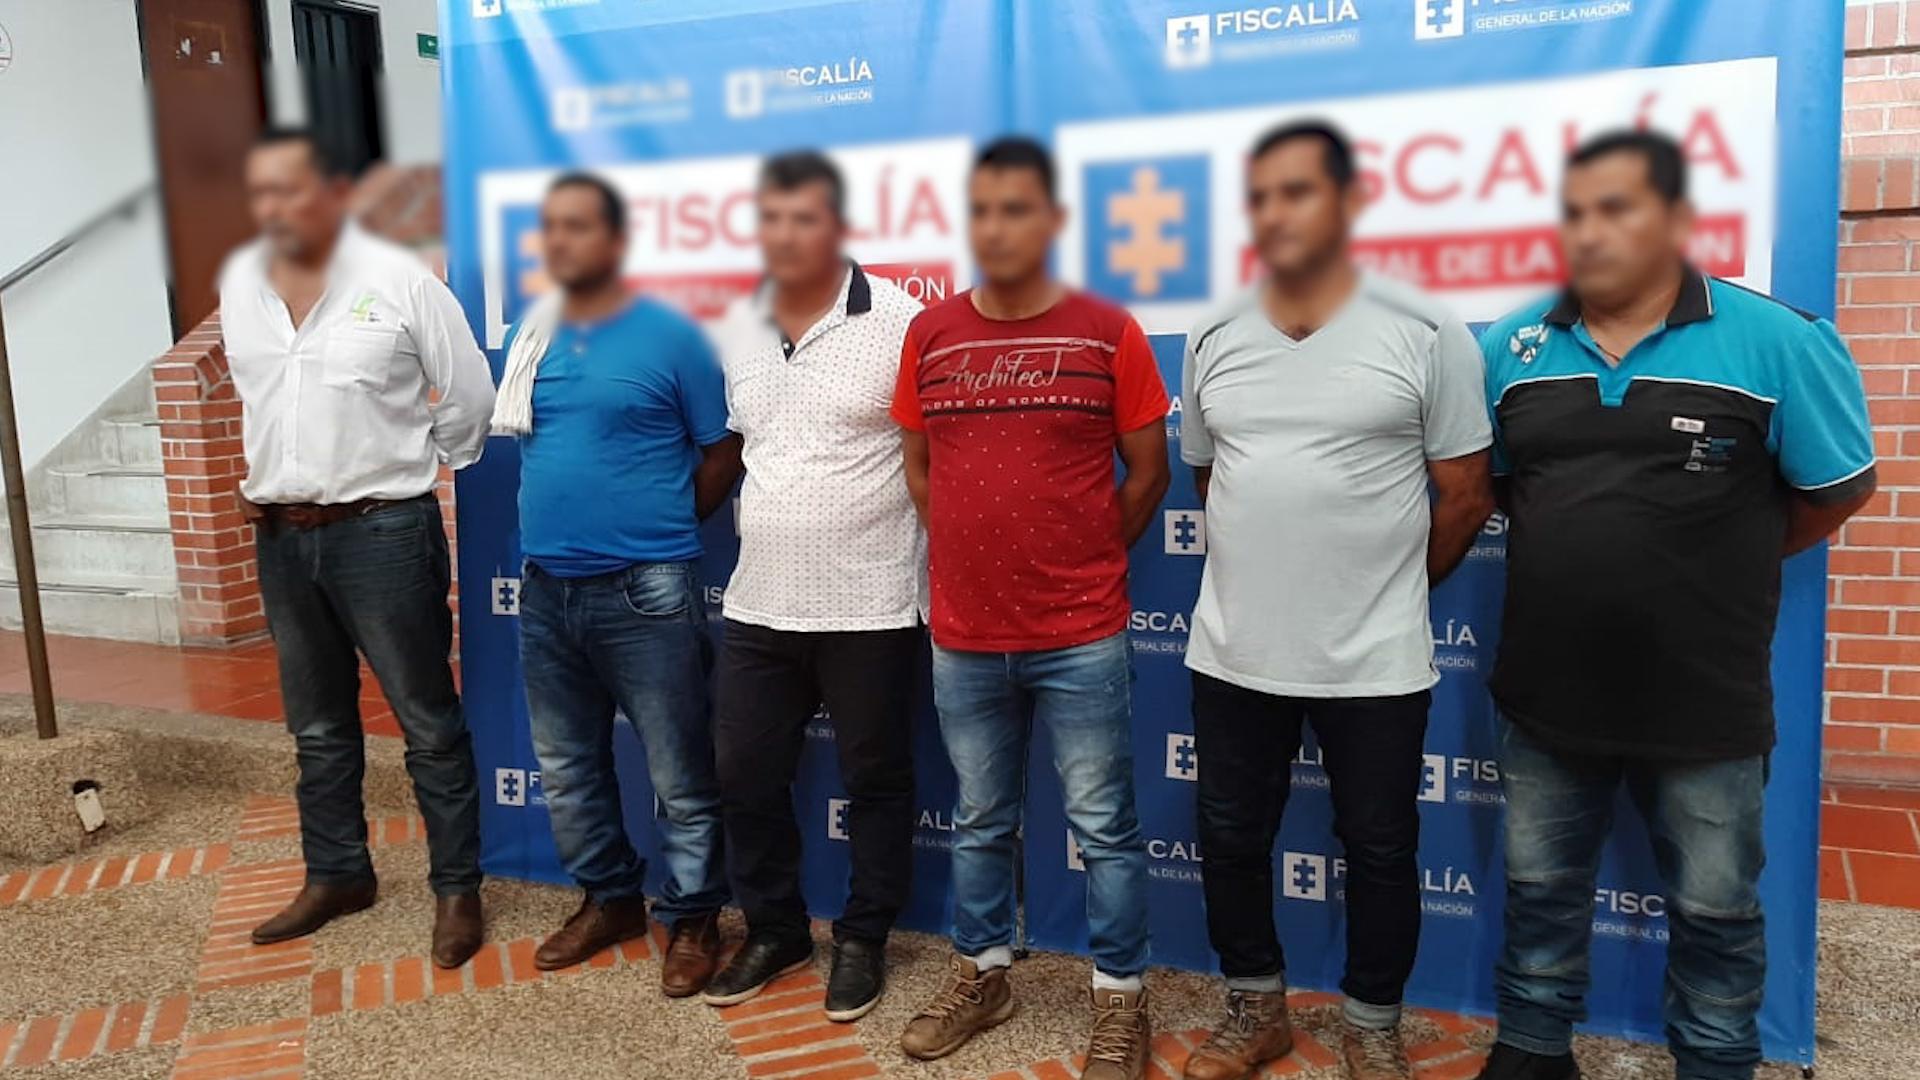 Capturados seis hombres acusados de torturar y disparar contra varios jóvenes en Barrancabermeja | EL FRENTE